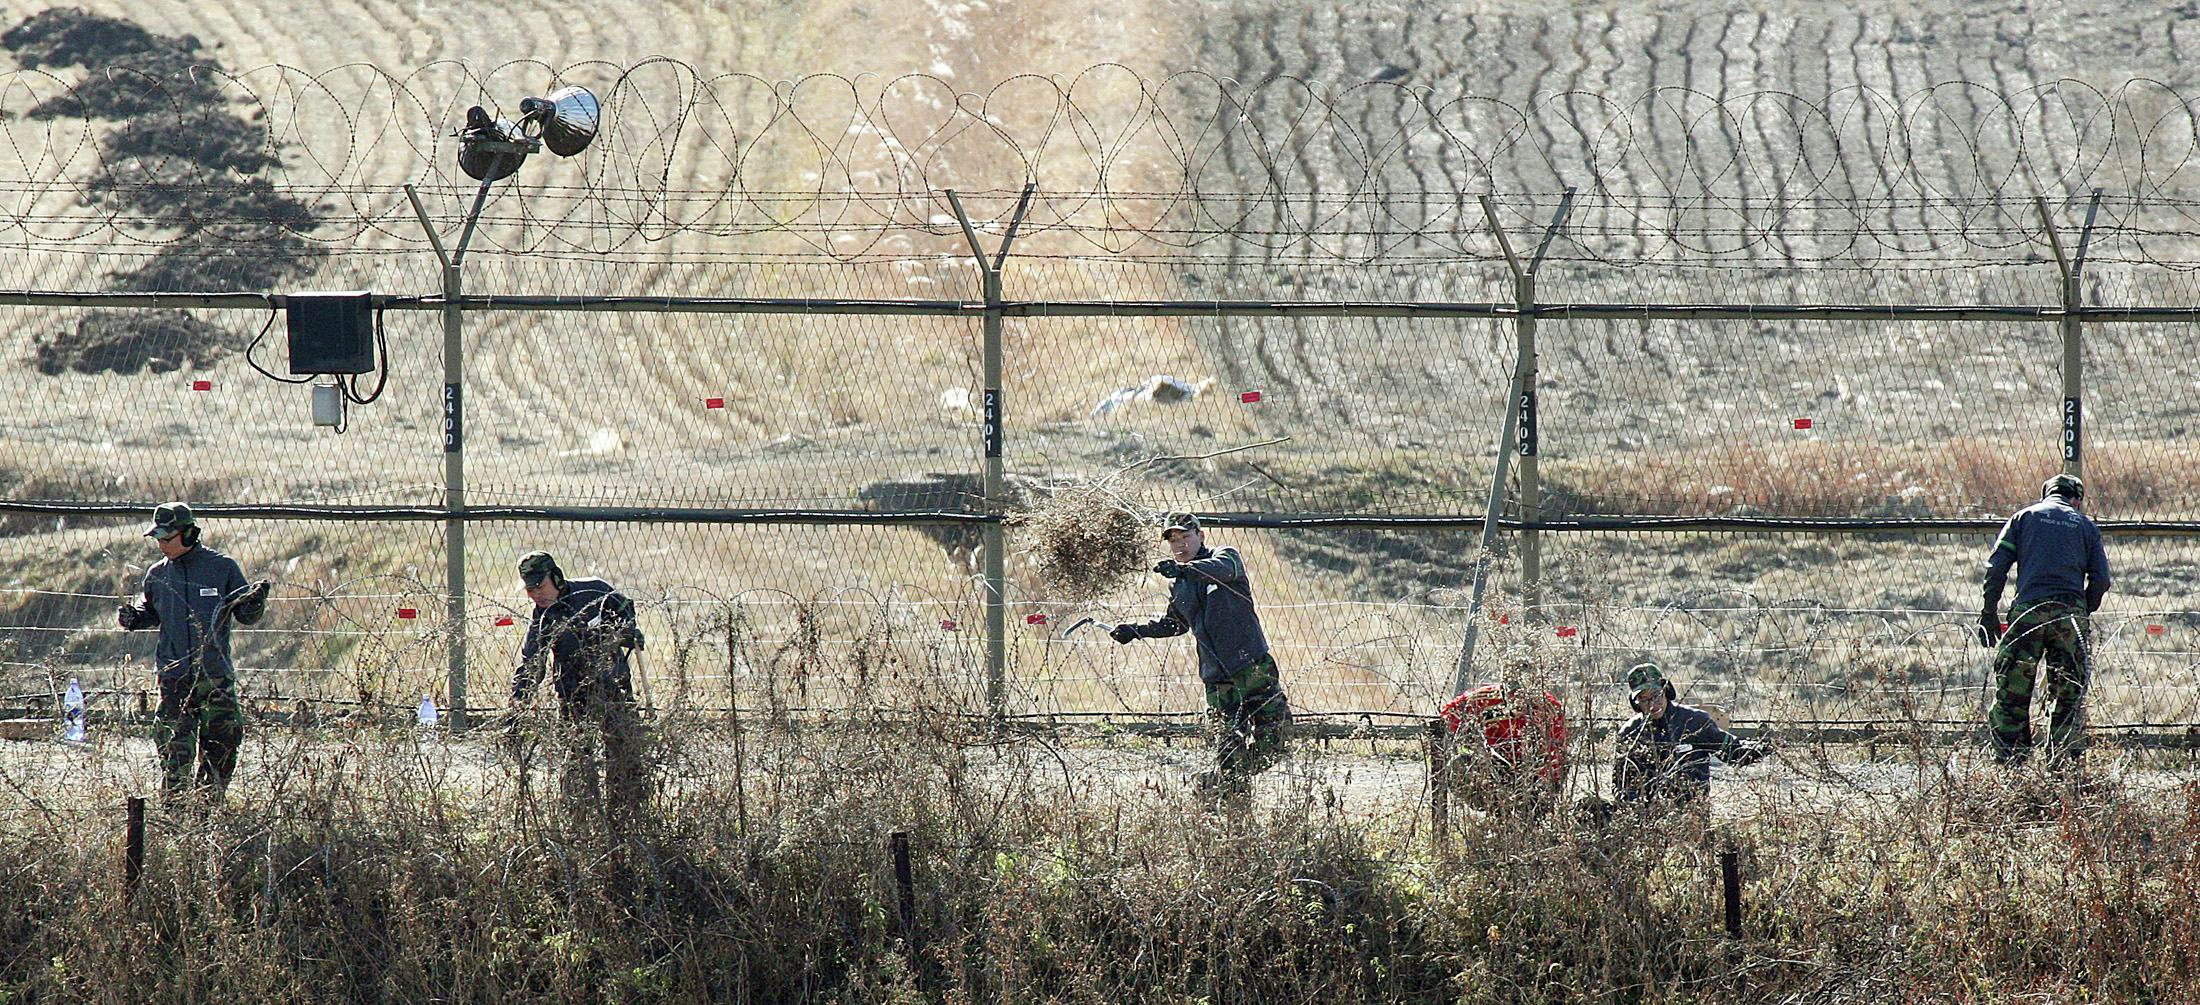 Южнокорейские военные проверяют границу в демилитаризированной зоне между КНДР и Южной Кореей